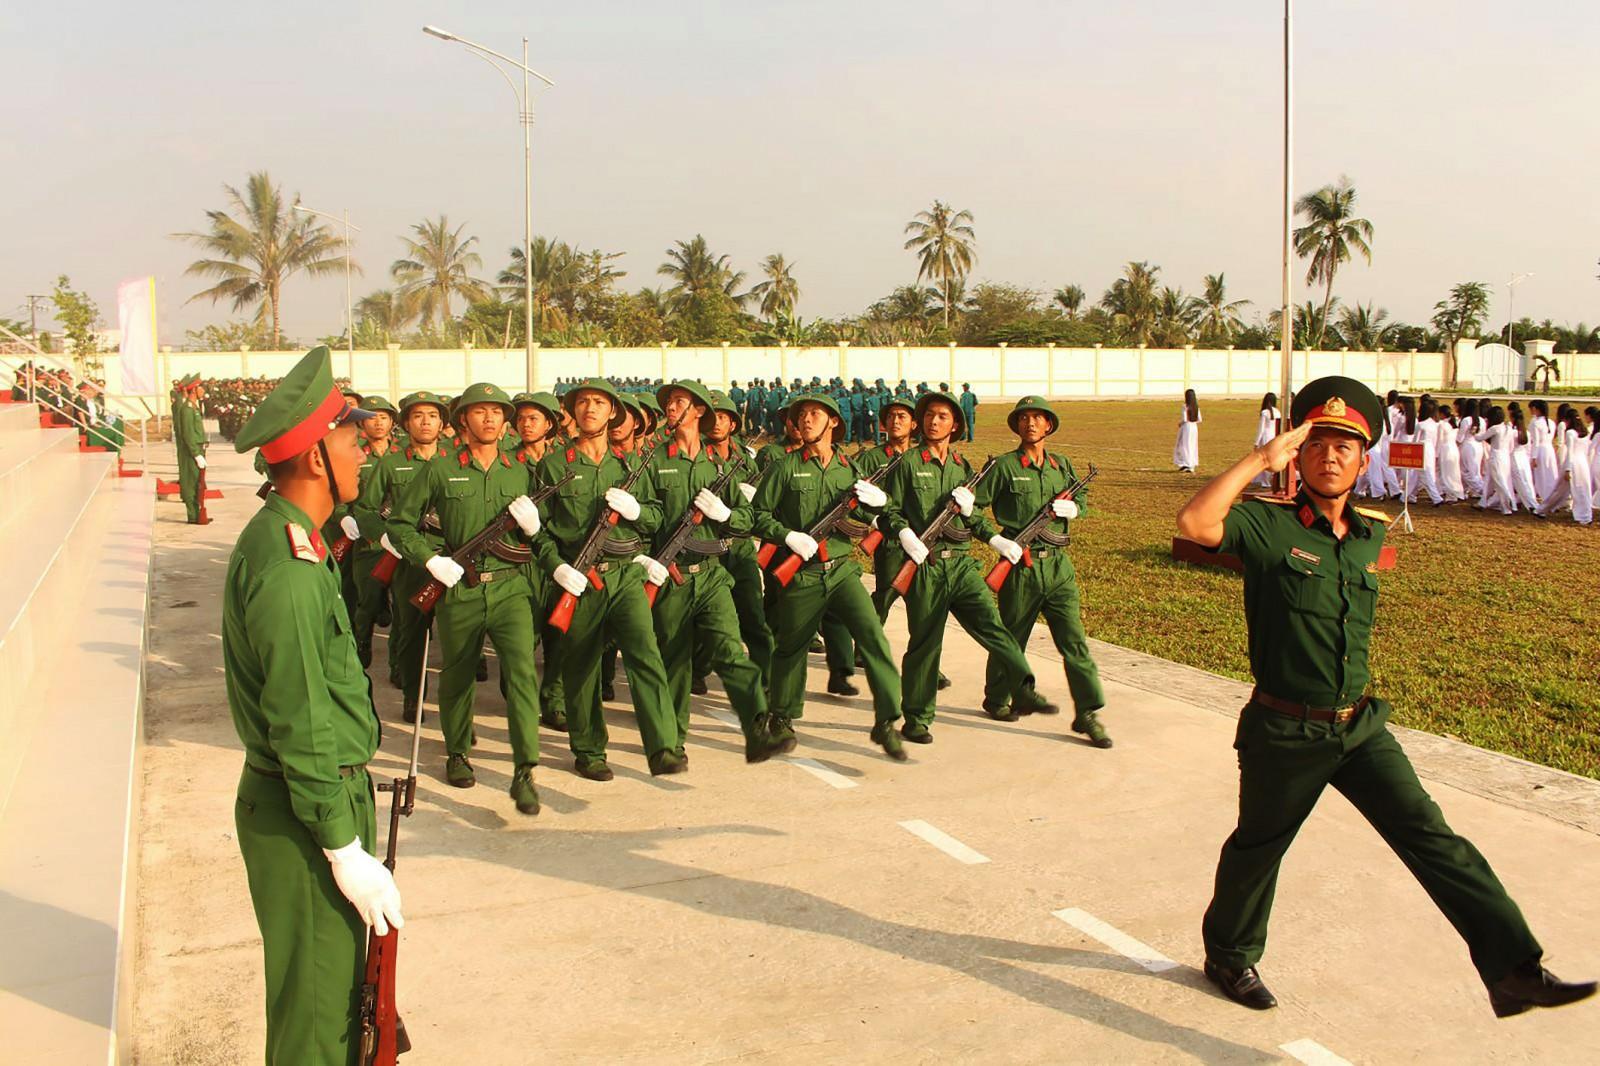 Đảng và Nhà nước luôn quan tâm xây dựng lực lượng vũ trang nhân dân vững mạnh. Ảnh: PHẠM TRUNG